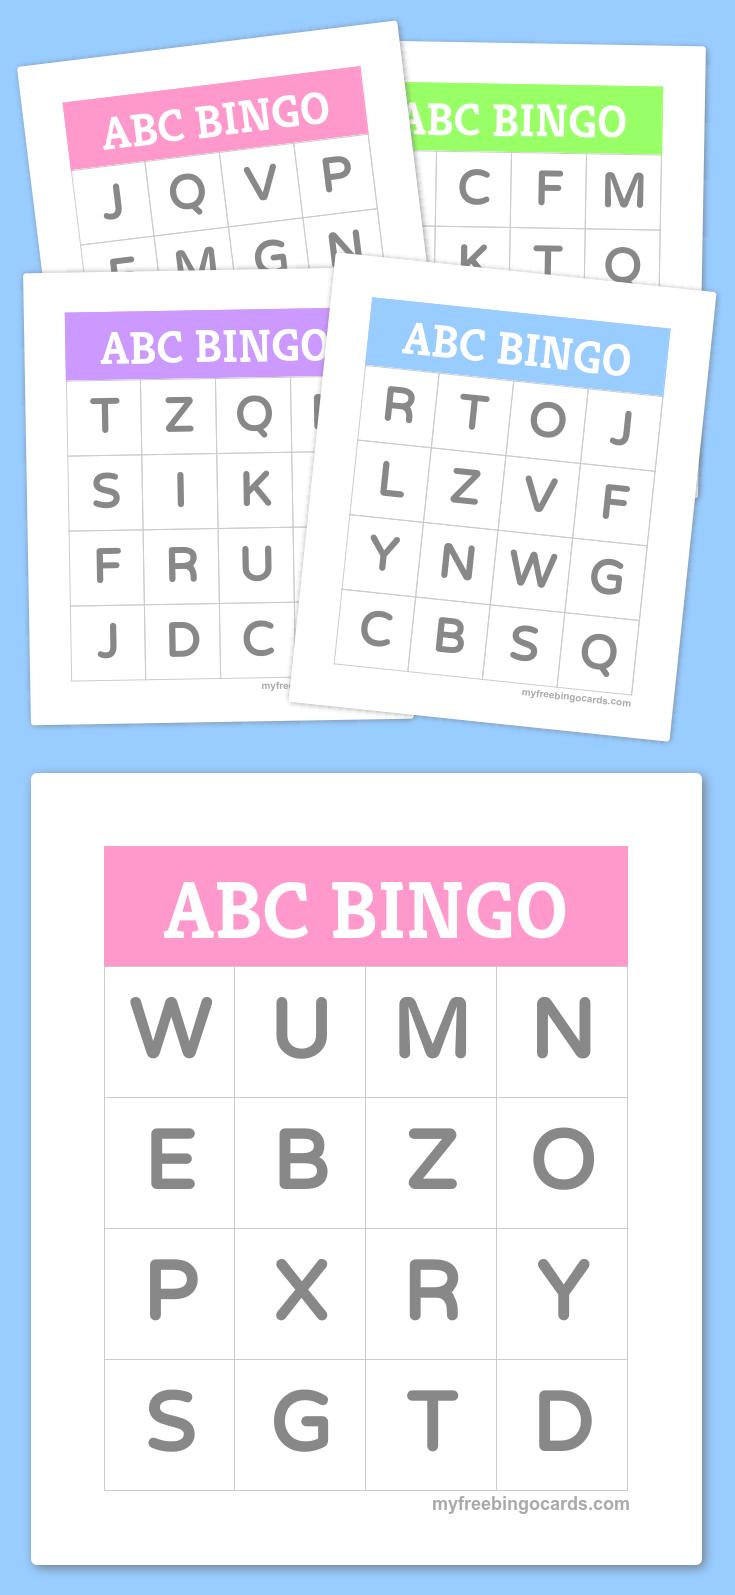 Worksheets Letter Recognition Worksheets For Kindergarten free printable bingo cards alphabet kids abc and kindergarten librarykindergarten worksheetspreschool literacyletter recognition